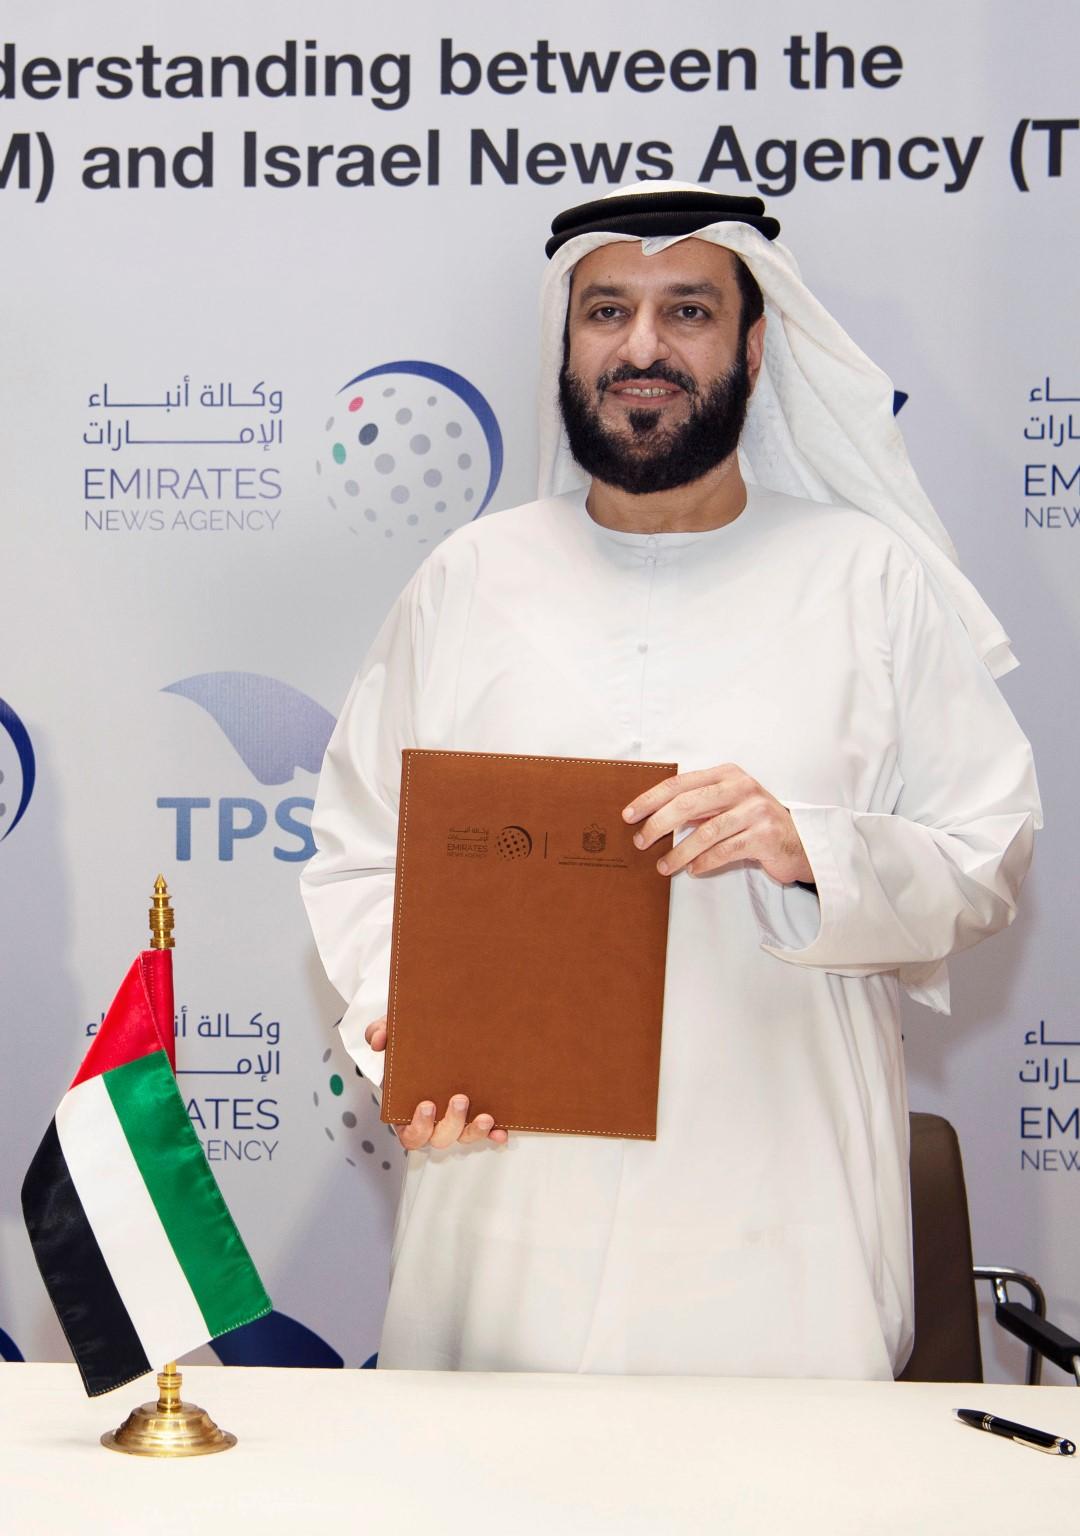 وكالة أنباء الإمارات توقع اتفاقية تعاون مع